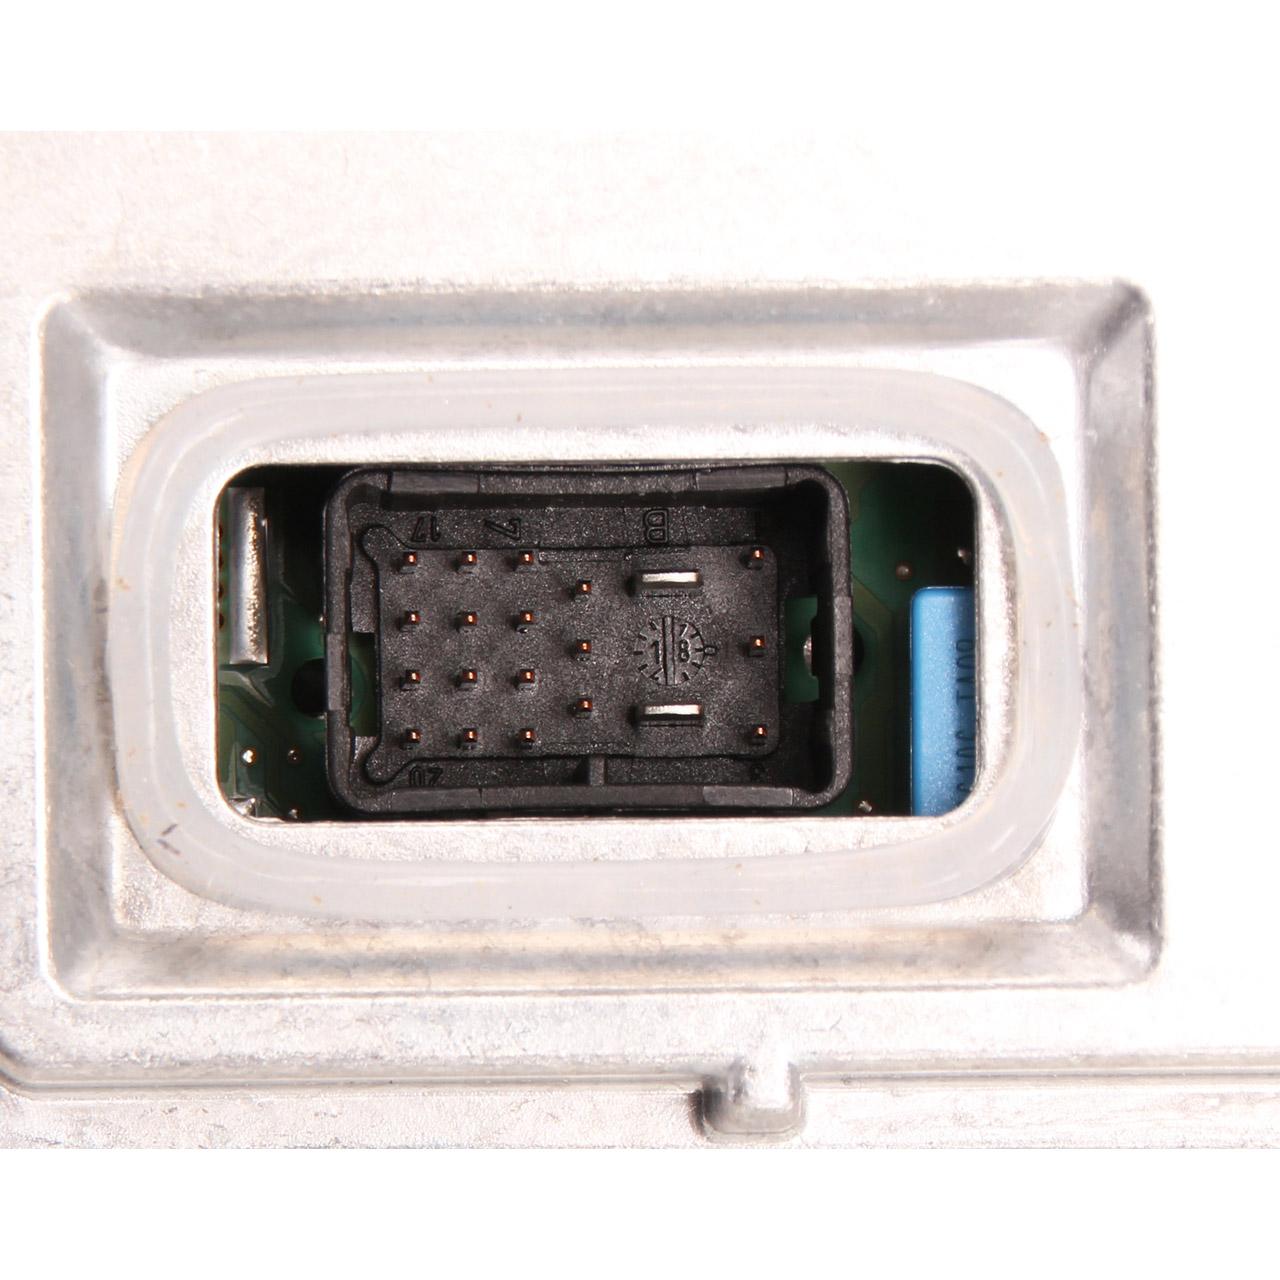 MAGNETI MARELLI Steuergerät Vorschaltgerät XENON Scheinwerfer BMW 3er E46 X3 63127176068